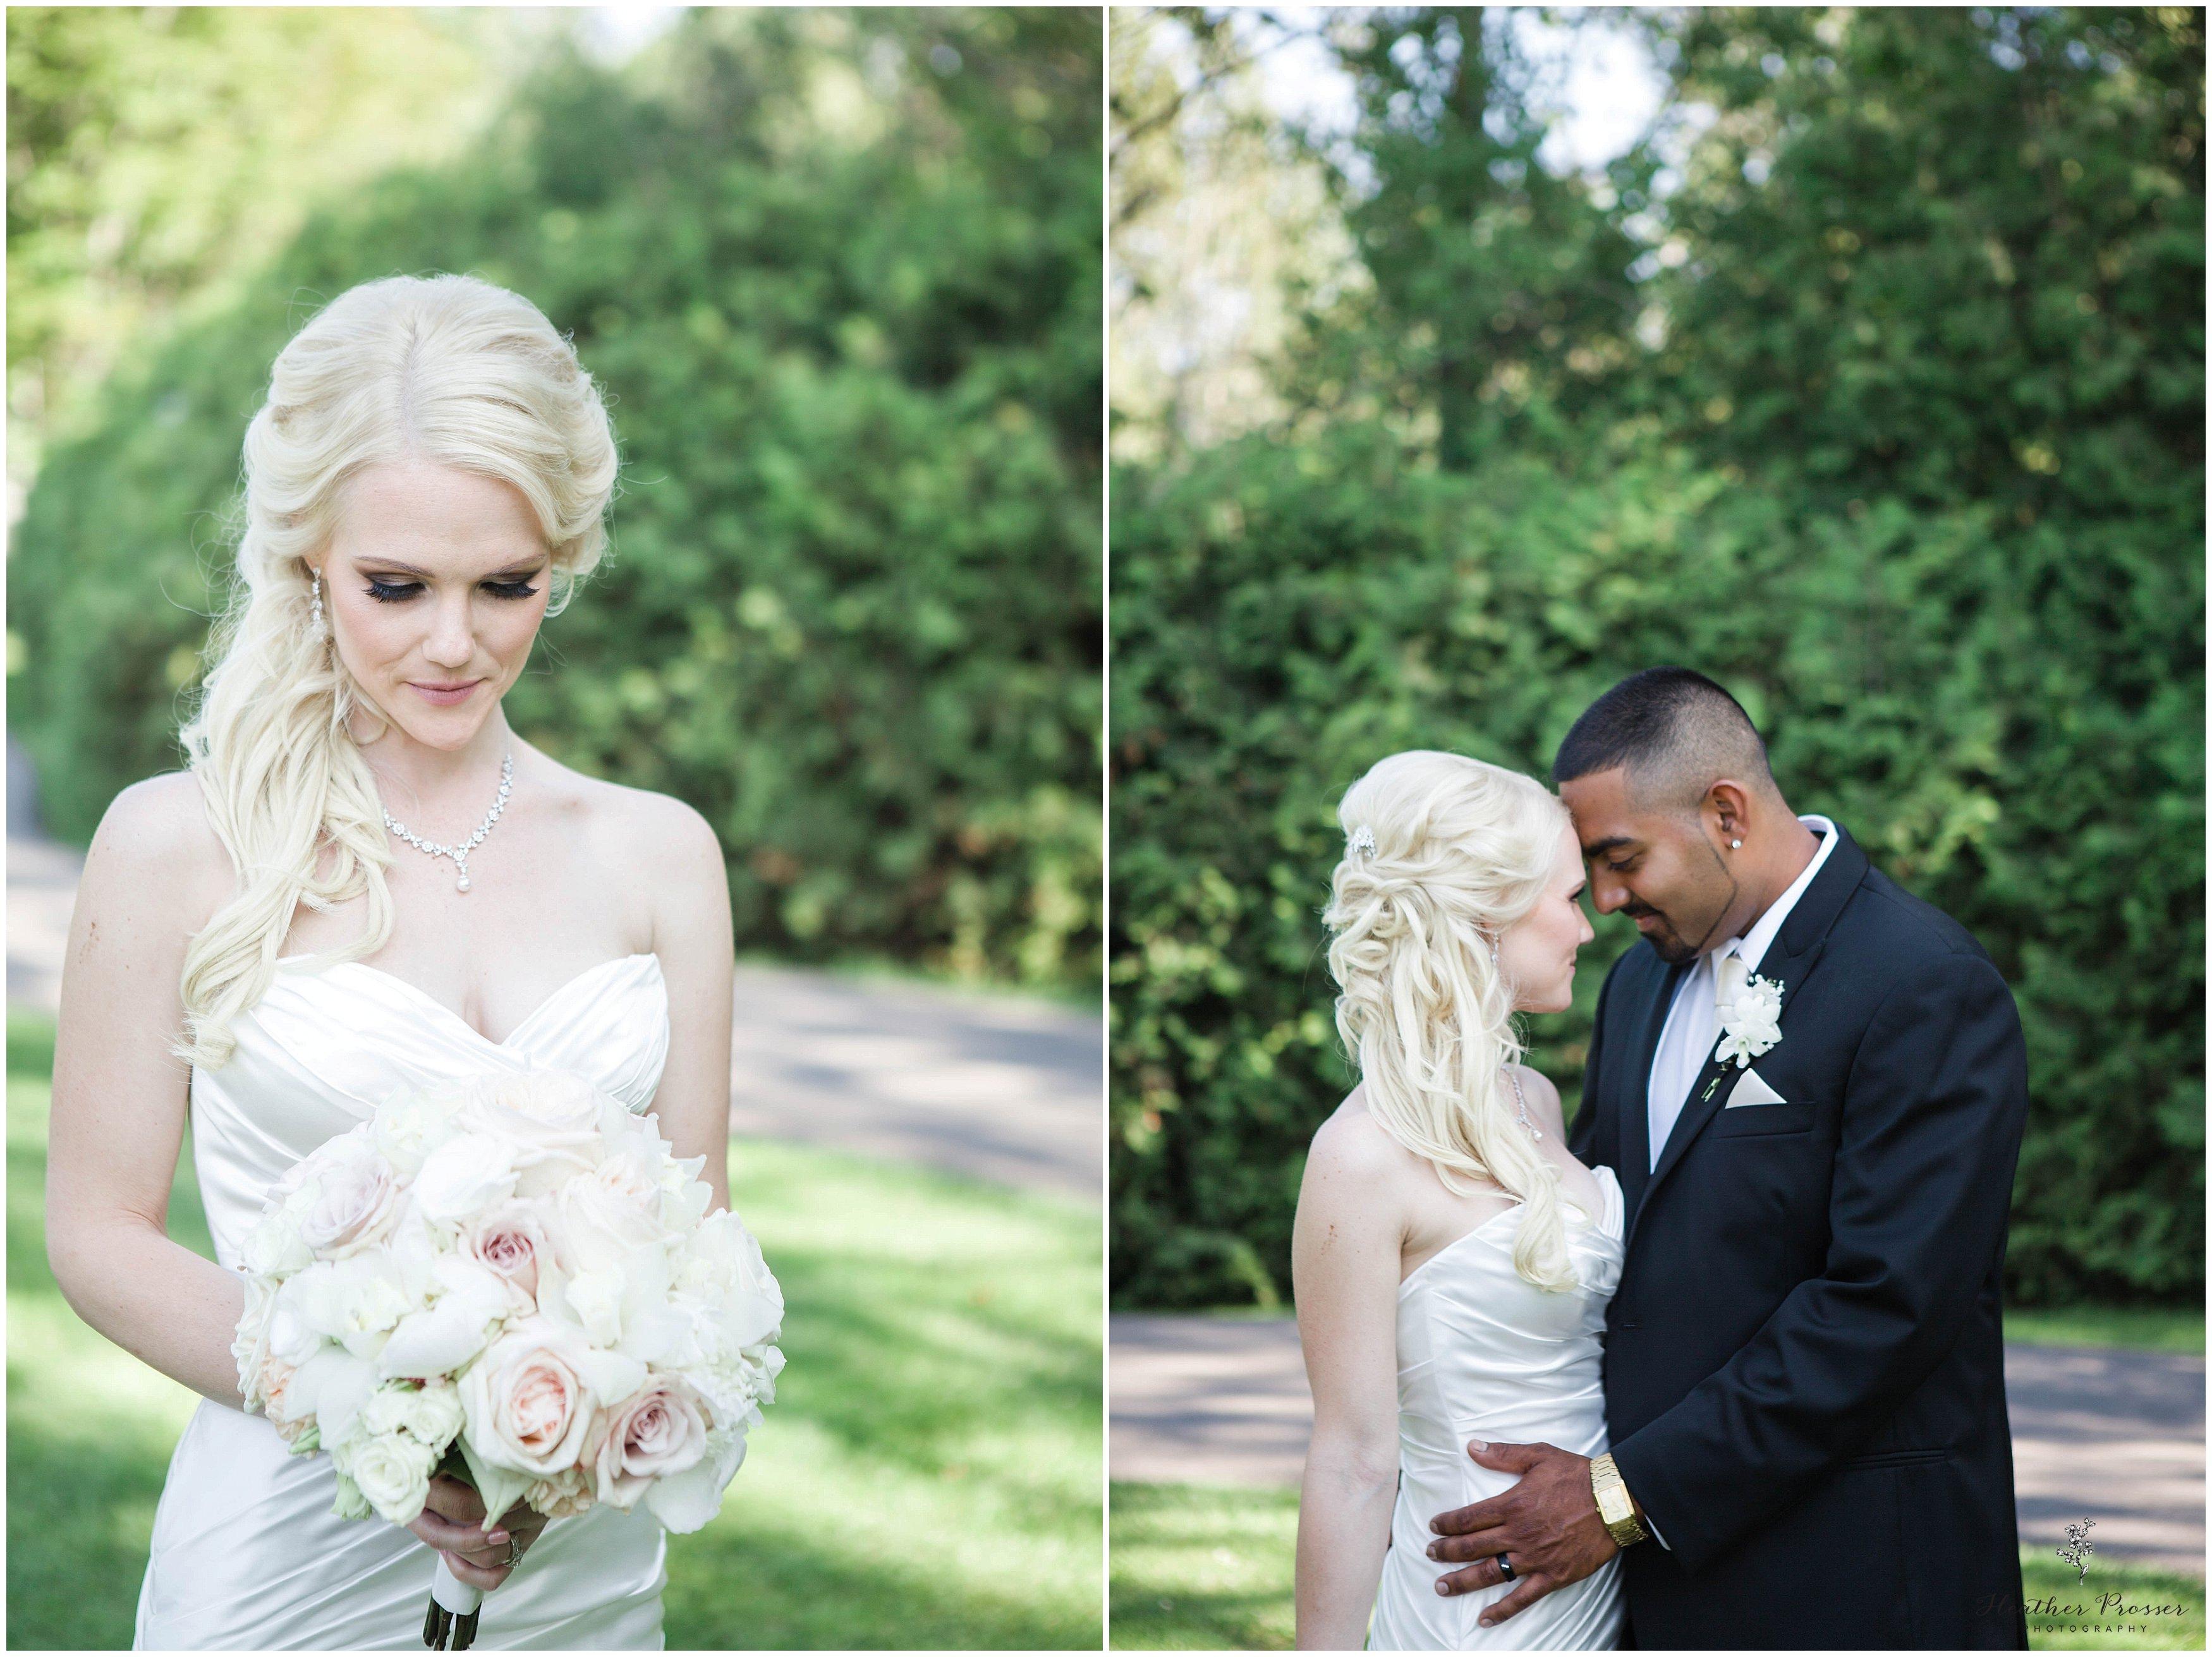 adria&nicknestletonwedding_0060.jpg